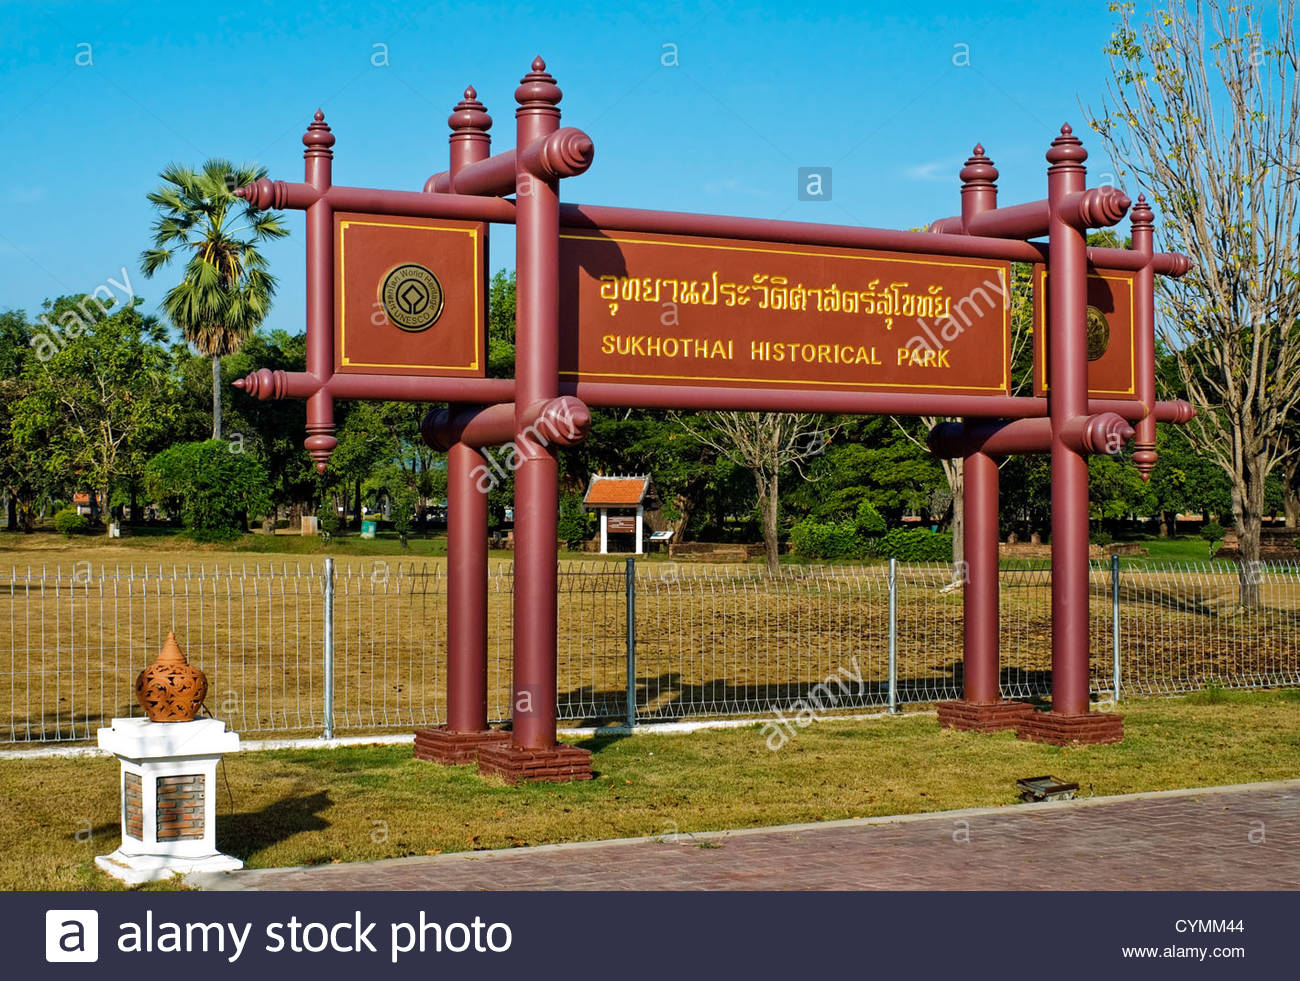 Entrance sign to Sukhothai Historical Park, Thailand | Eingangsschild zum Sukhothai Geschichtspark, Thailand - Stock Image